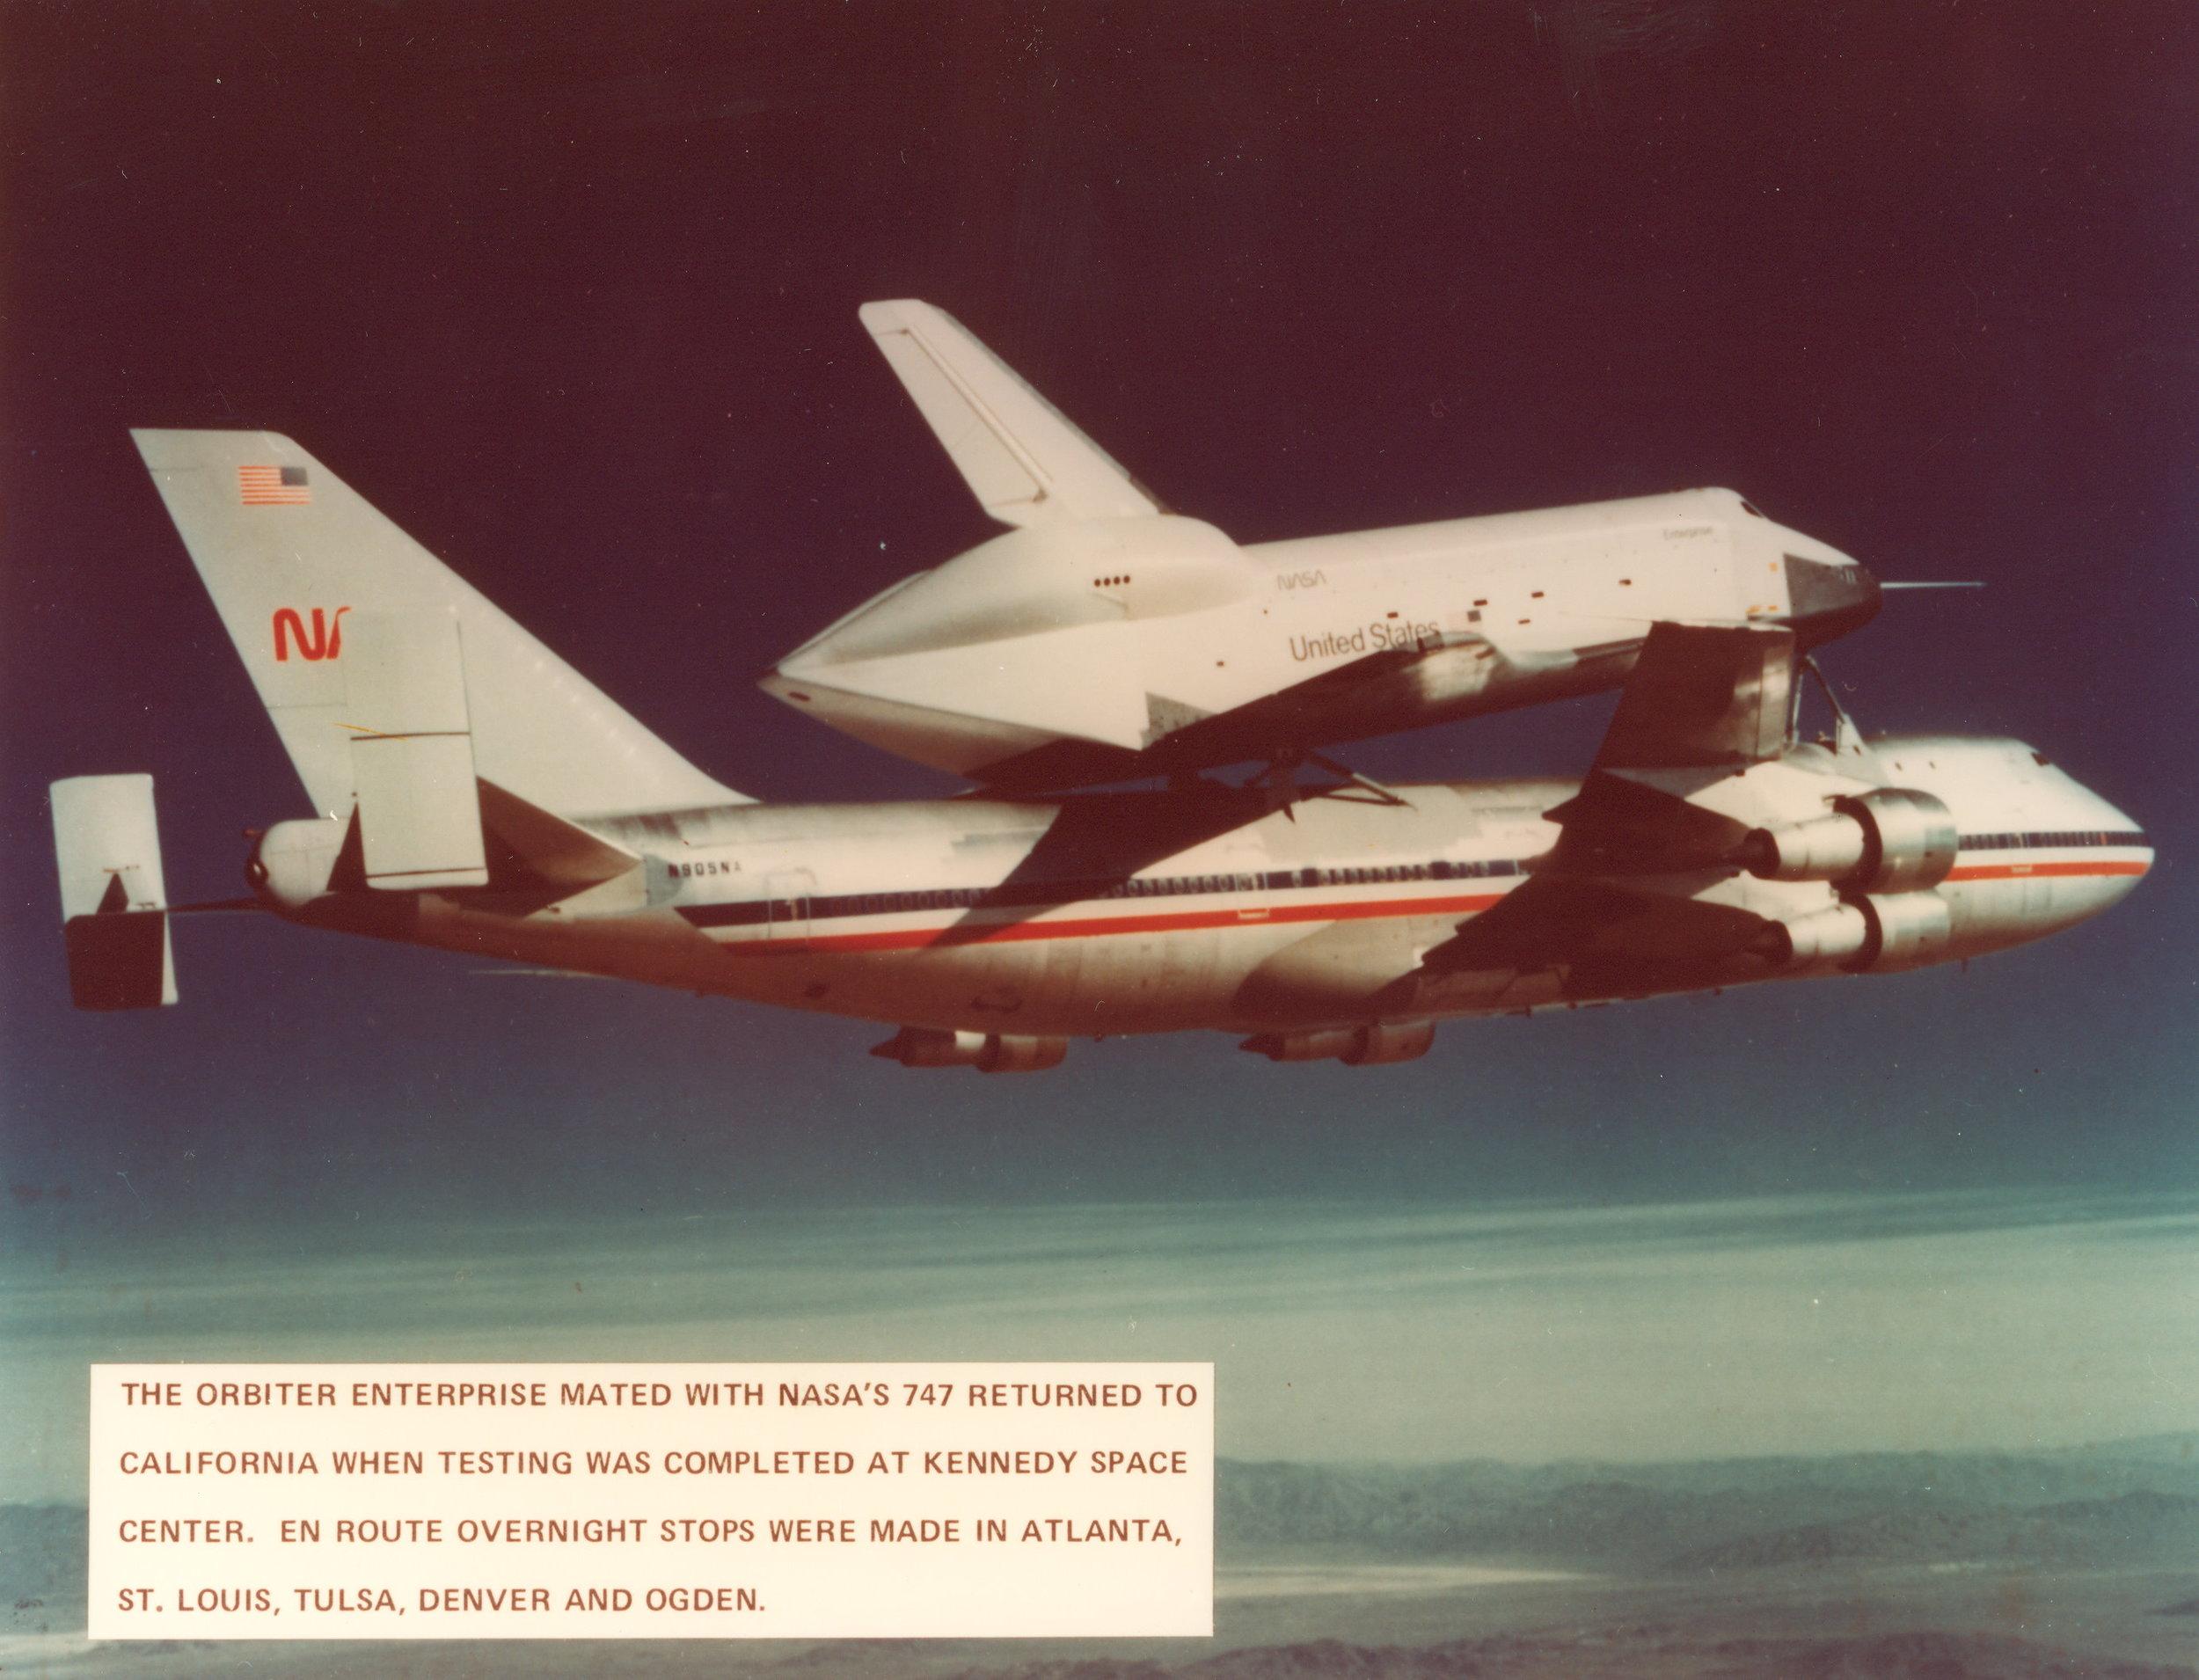 orbiter enterprise with nasa 747 returning to calif from ksc.jpg